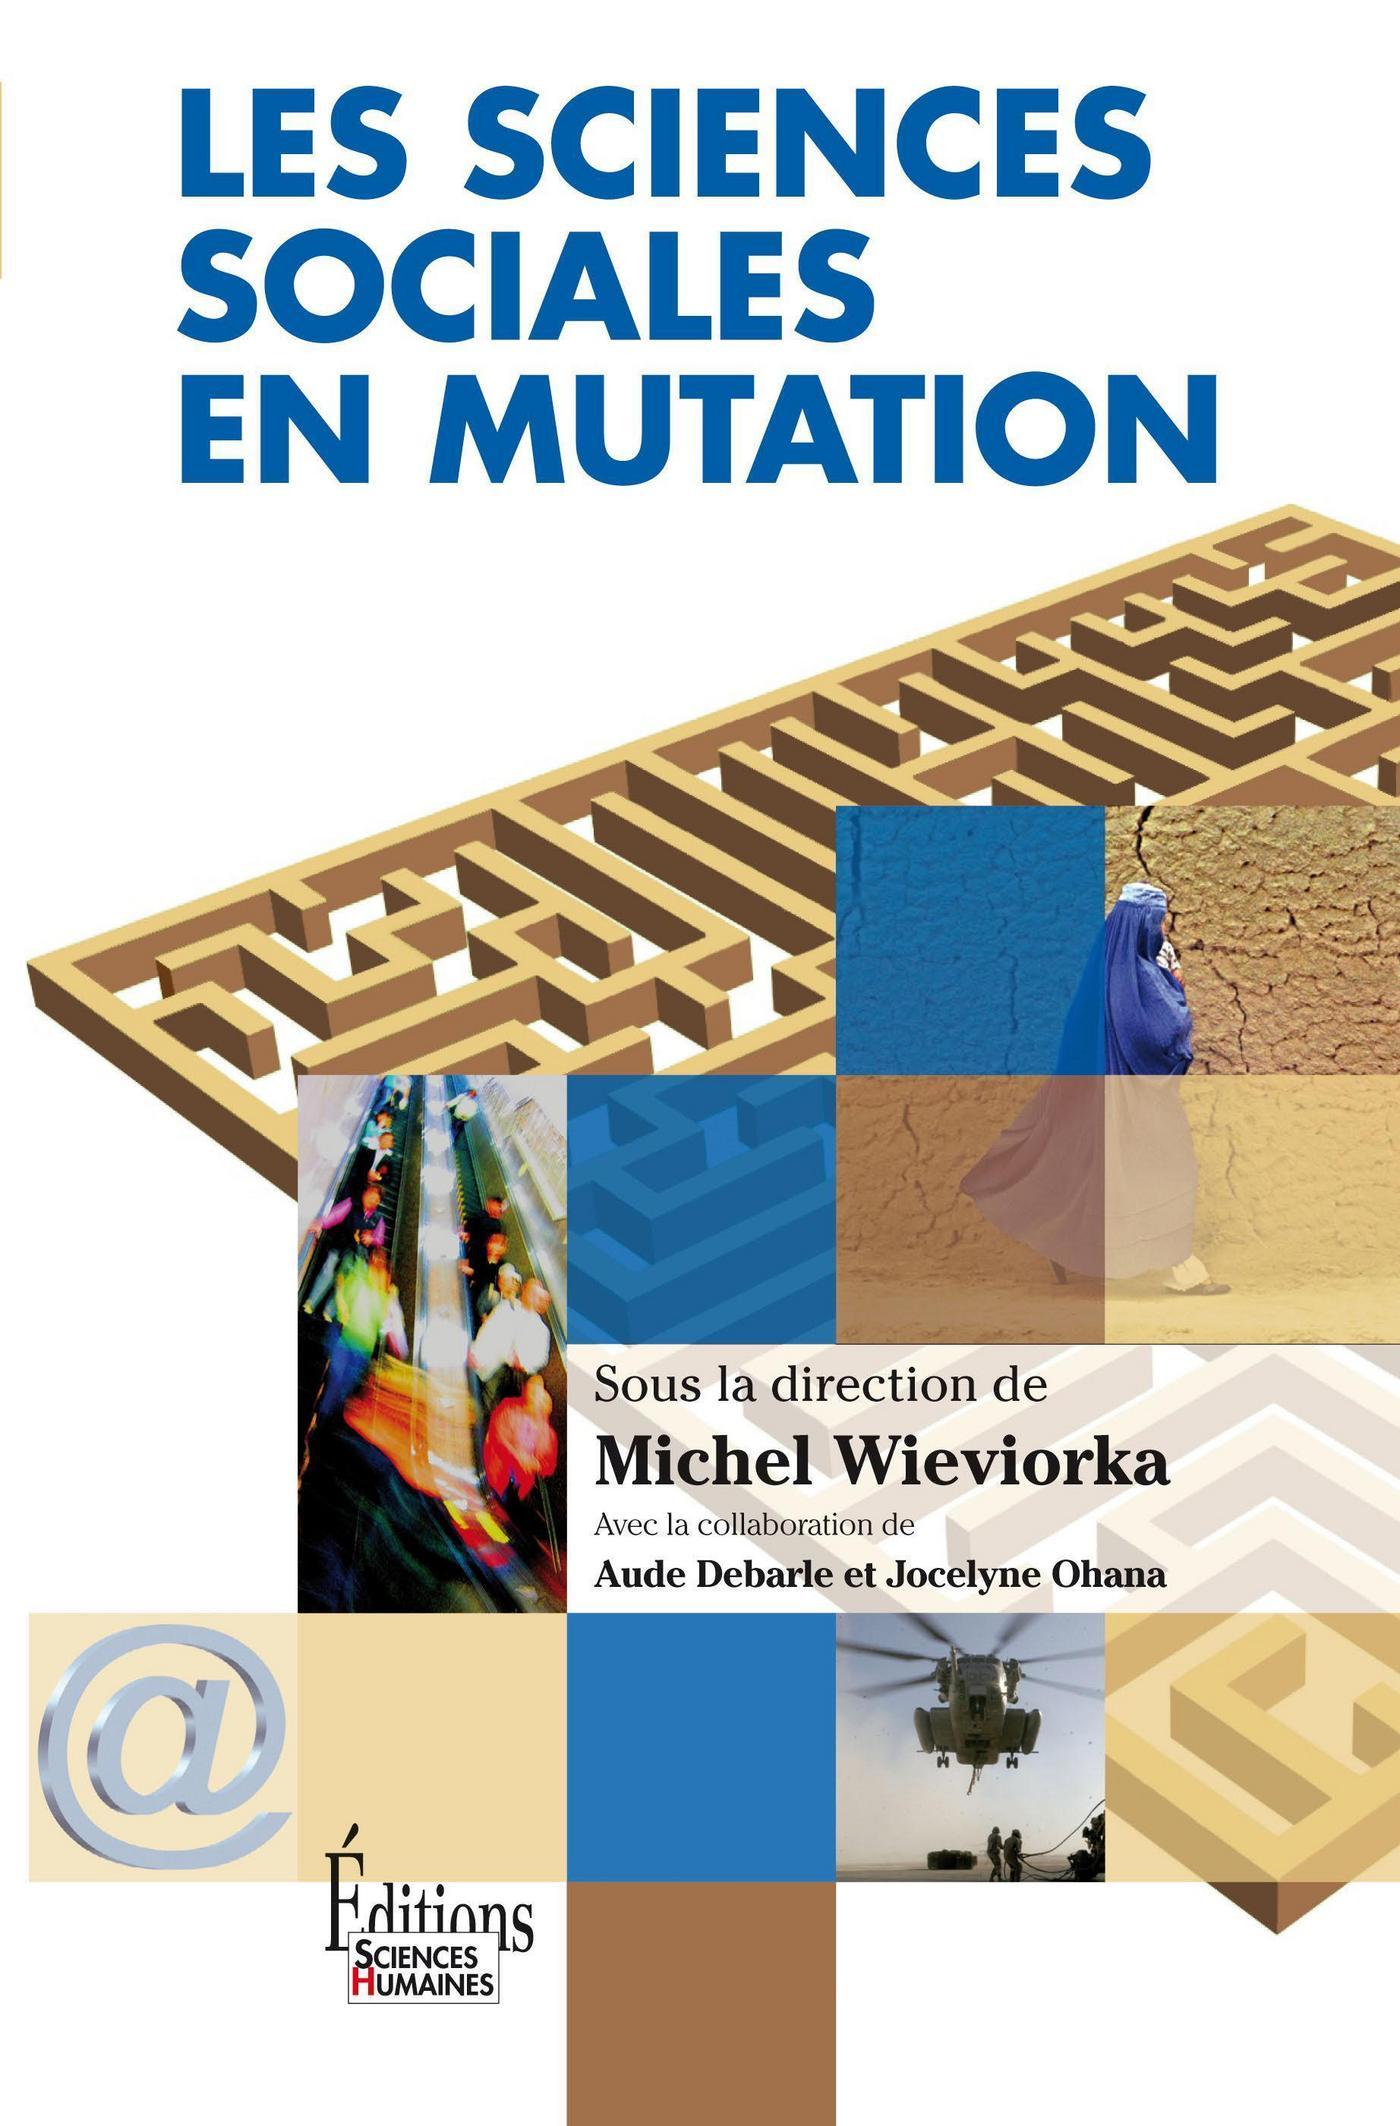 Les Sciences sociales en mutation